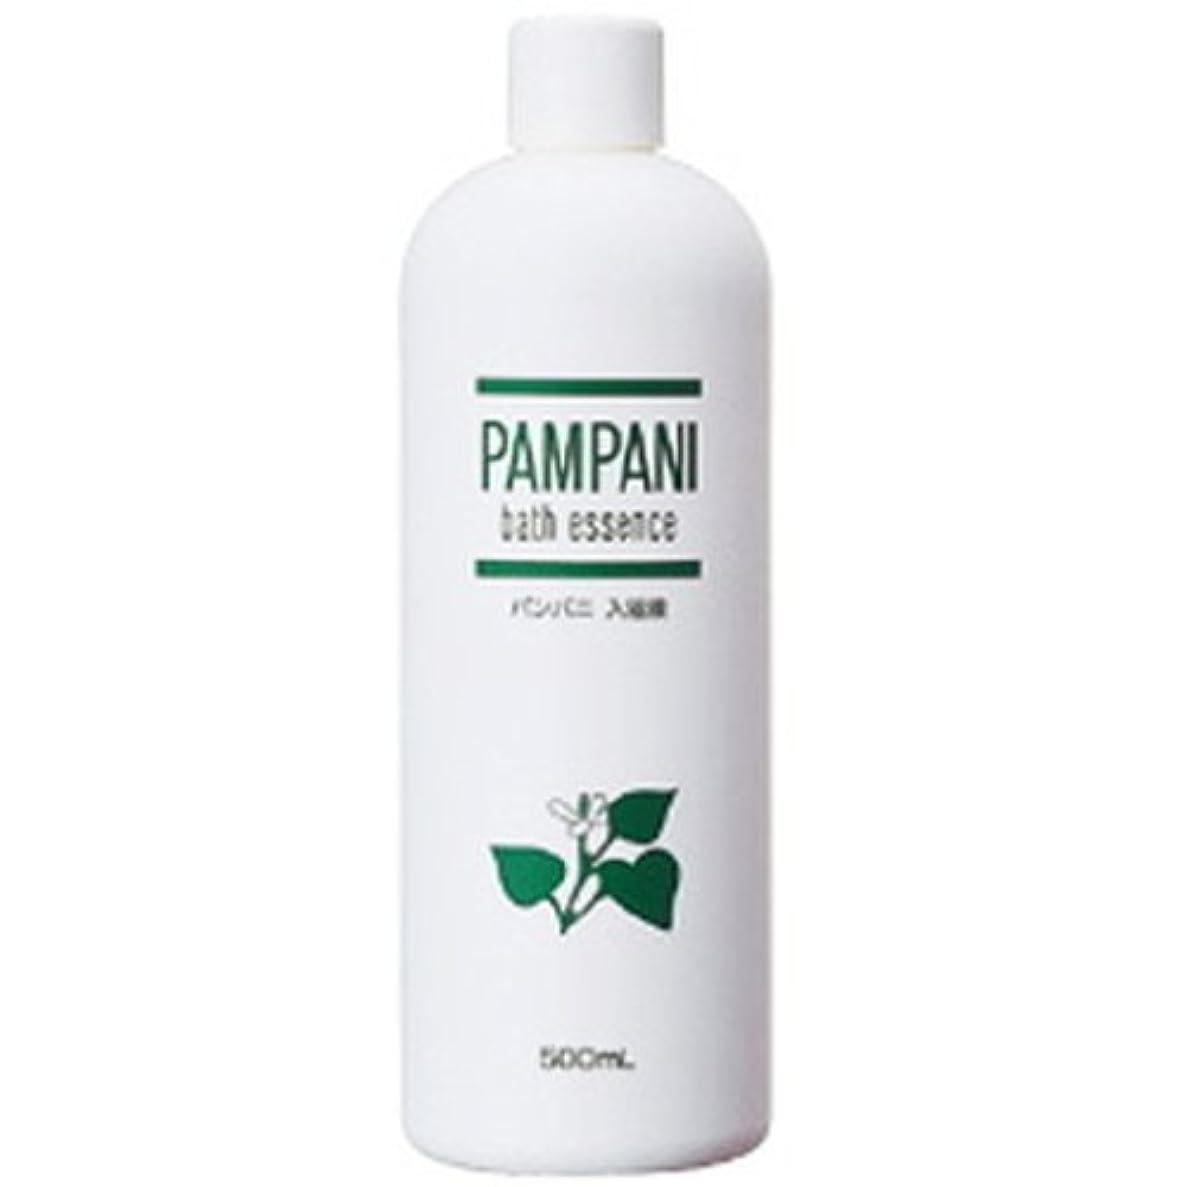 批評多様な歯パンパニ(PAMPANI) 入浴液(希釈タイプ) 500ml